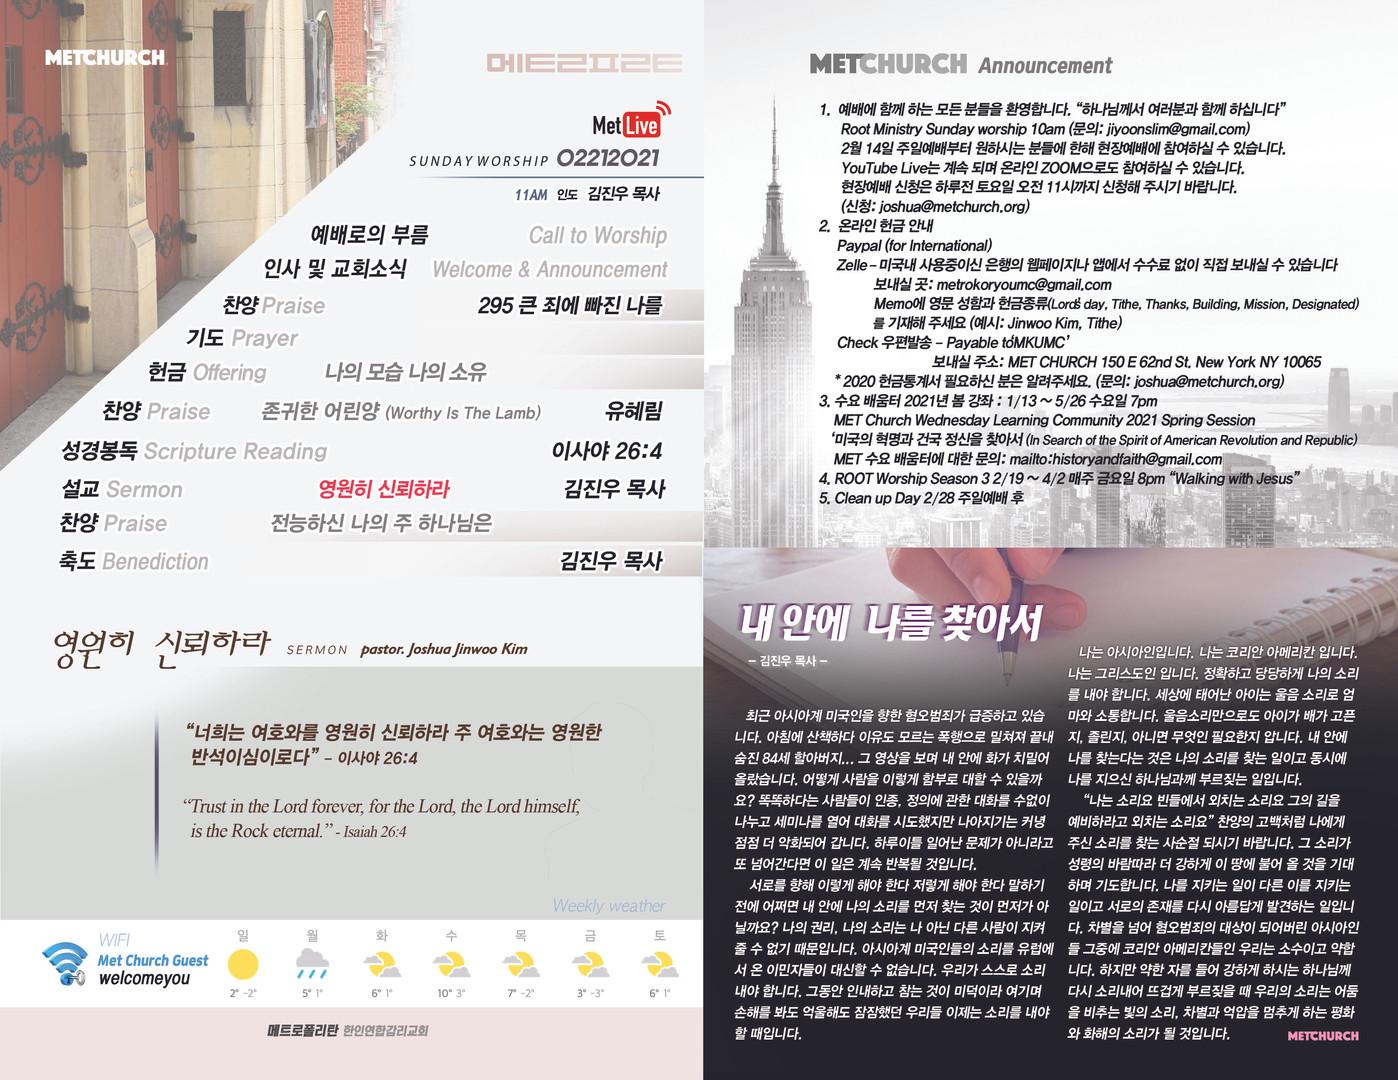 MetChurch_paper_Back_02212021psd.jpg